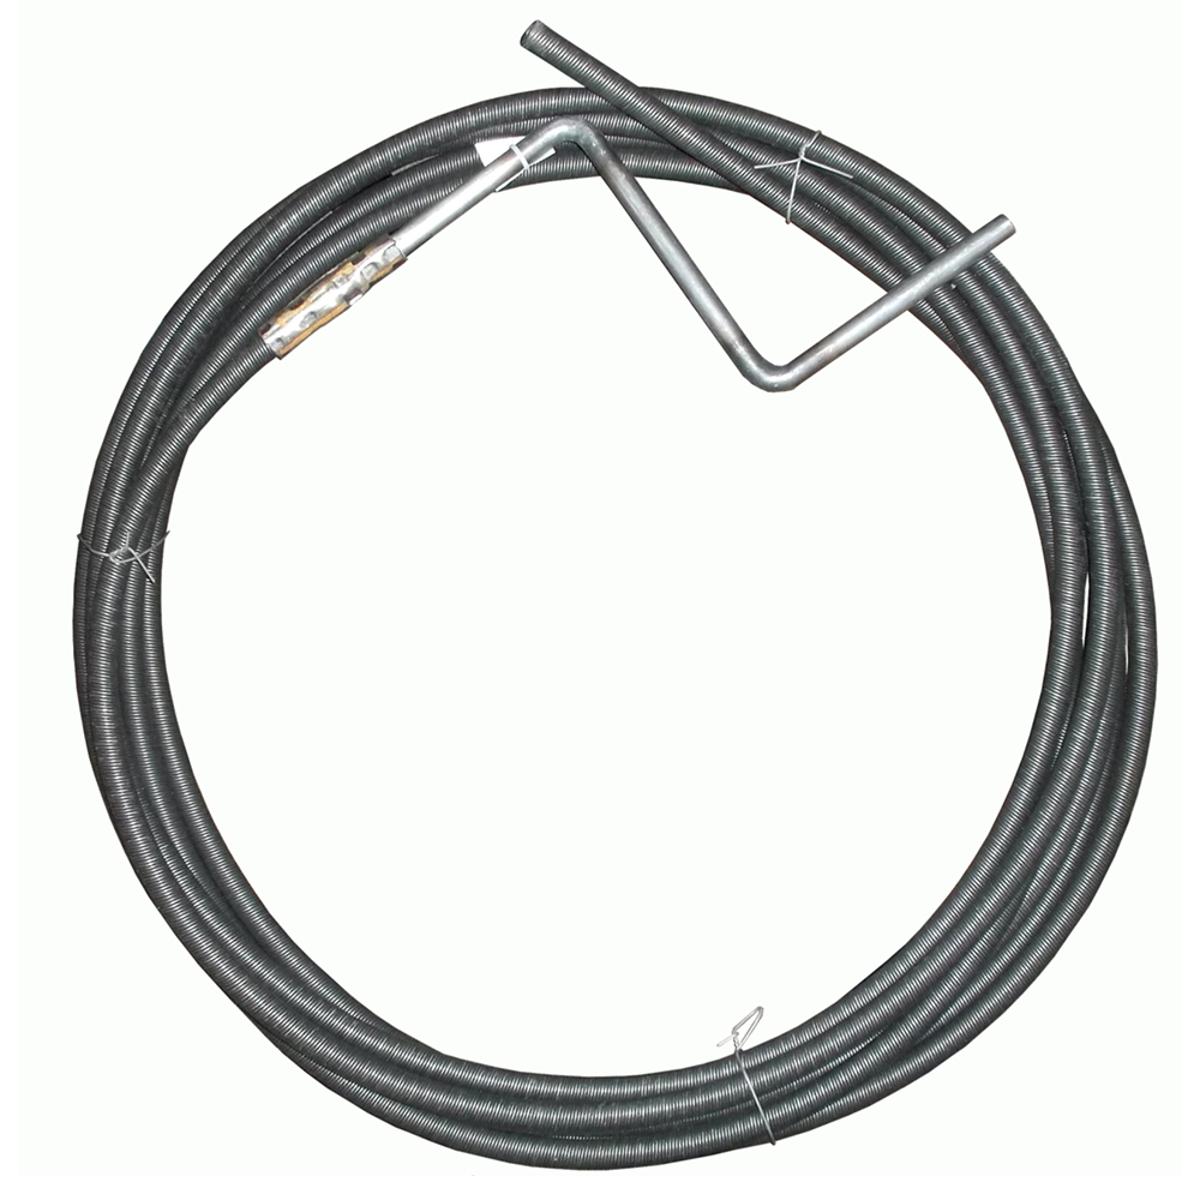 Трос пружинный для прочистки канализационных труб 9мм х 10 м МастерПроф3520Трос пружинный предназначен для прочистки канализационных труб.Диаметр: 9 мм.Длина 10 метров.